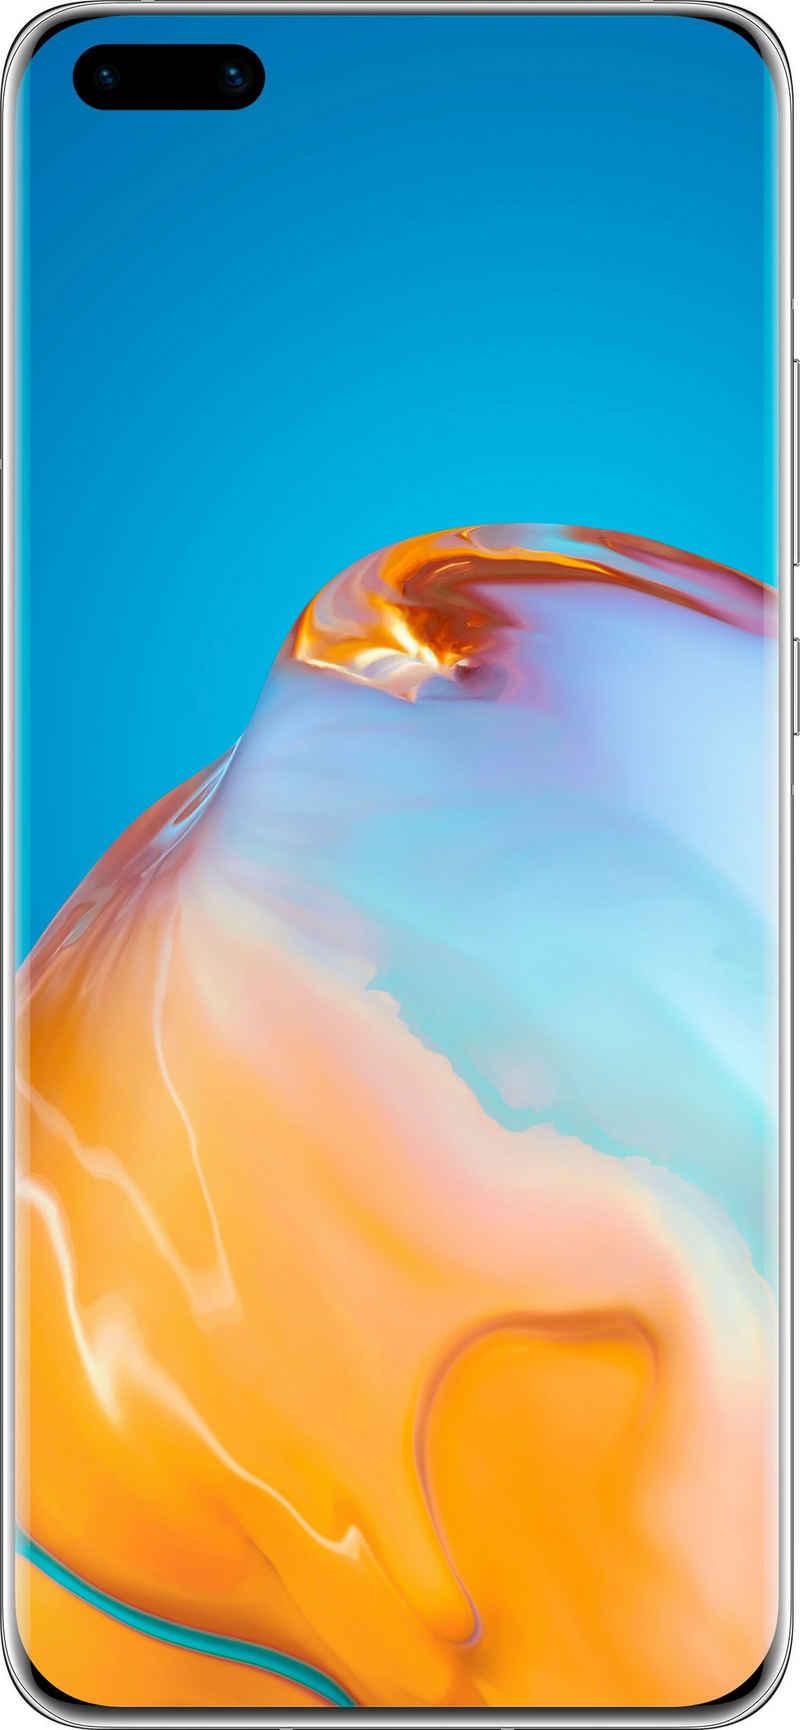 Huawei P40 Pro Smartphone (16,7 cm/6,58 Zoll, 256 GB Speicherplatz, 50 MP Kamera, 24 Monate Herstellergarantie)